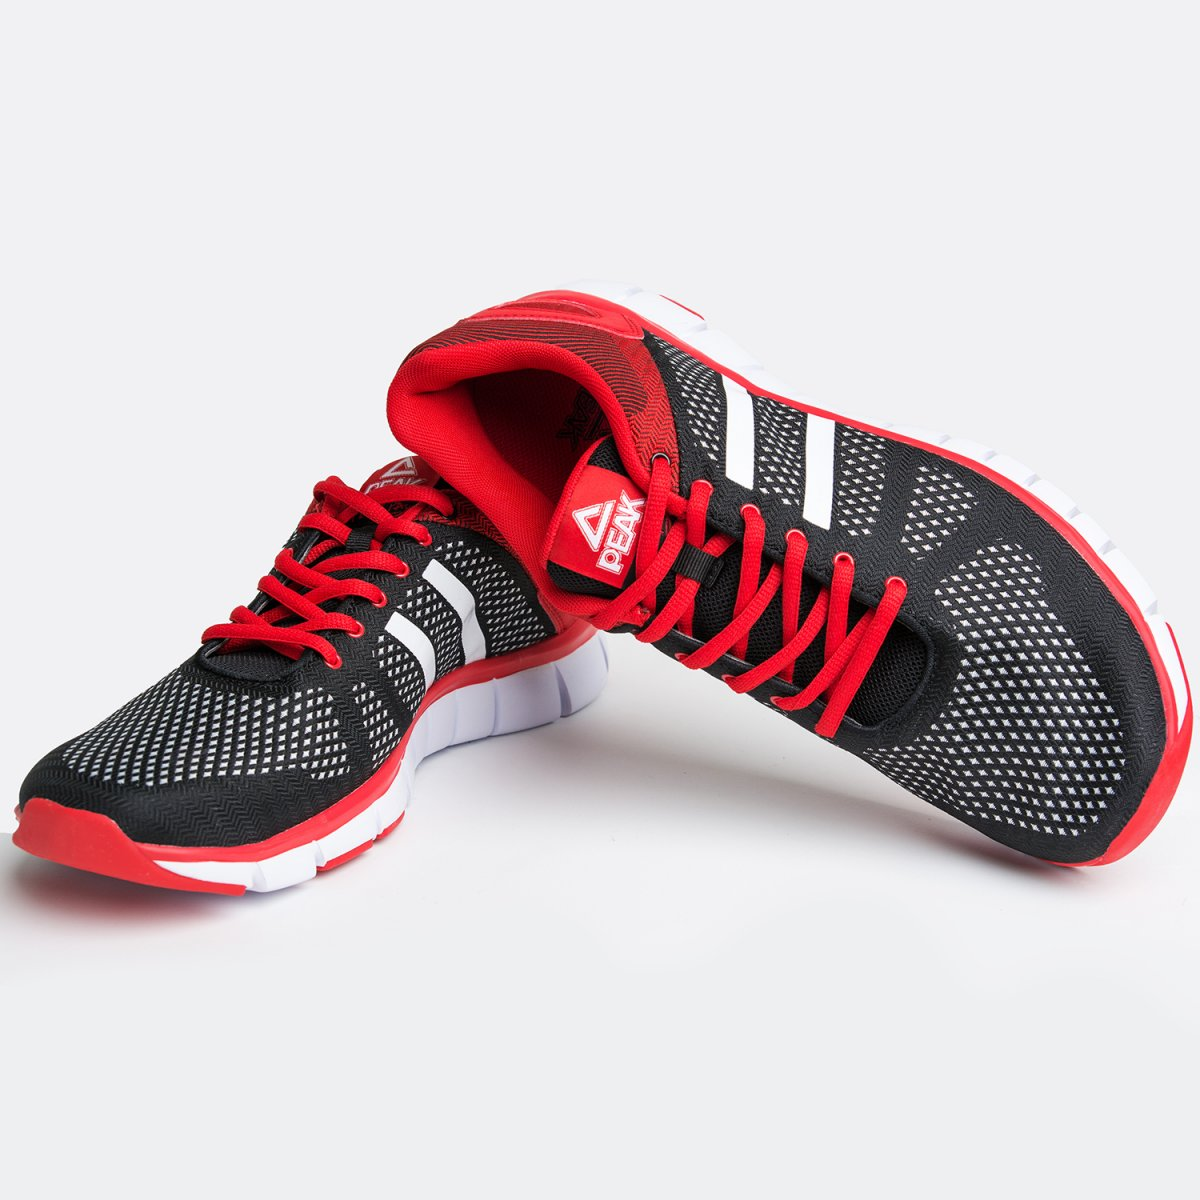 58ad1cae51833c Кросівки для спорту чоловічі